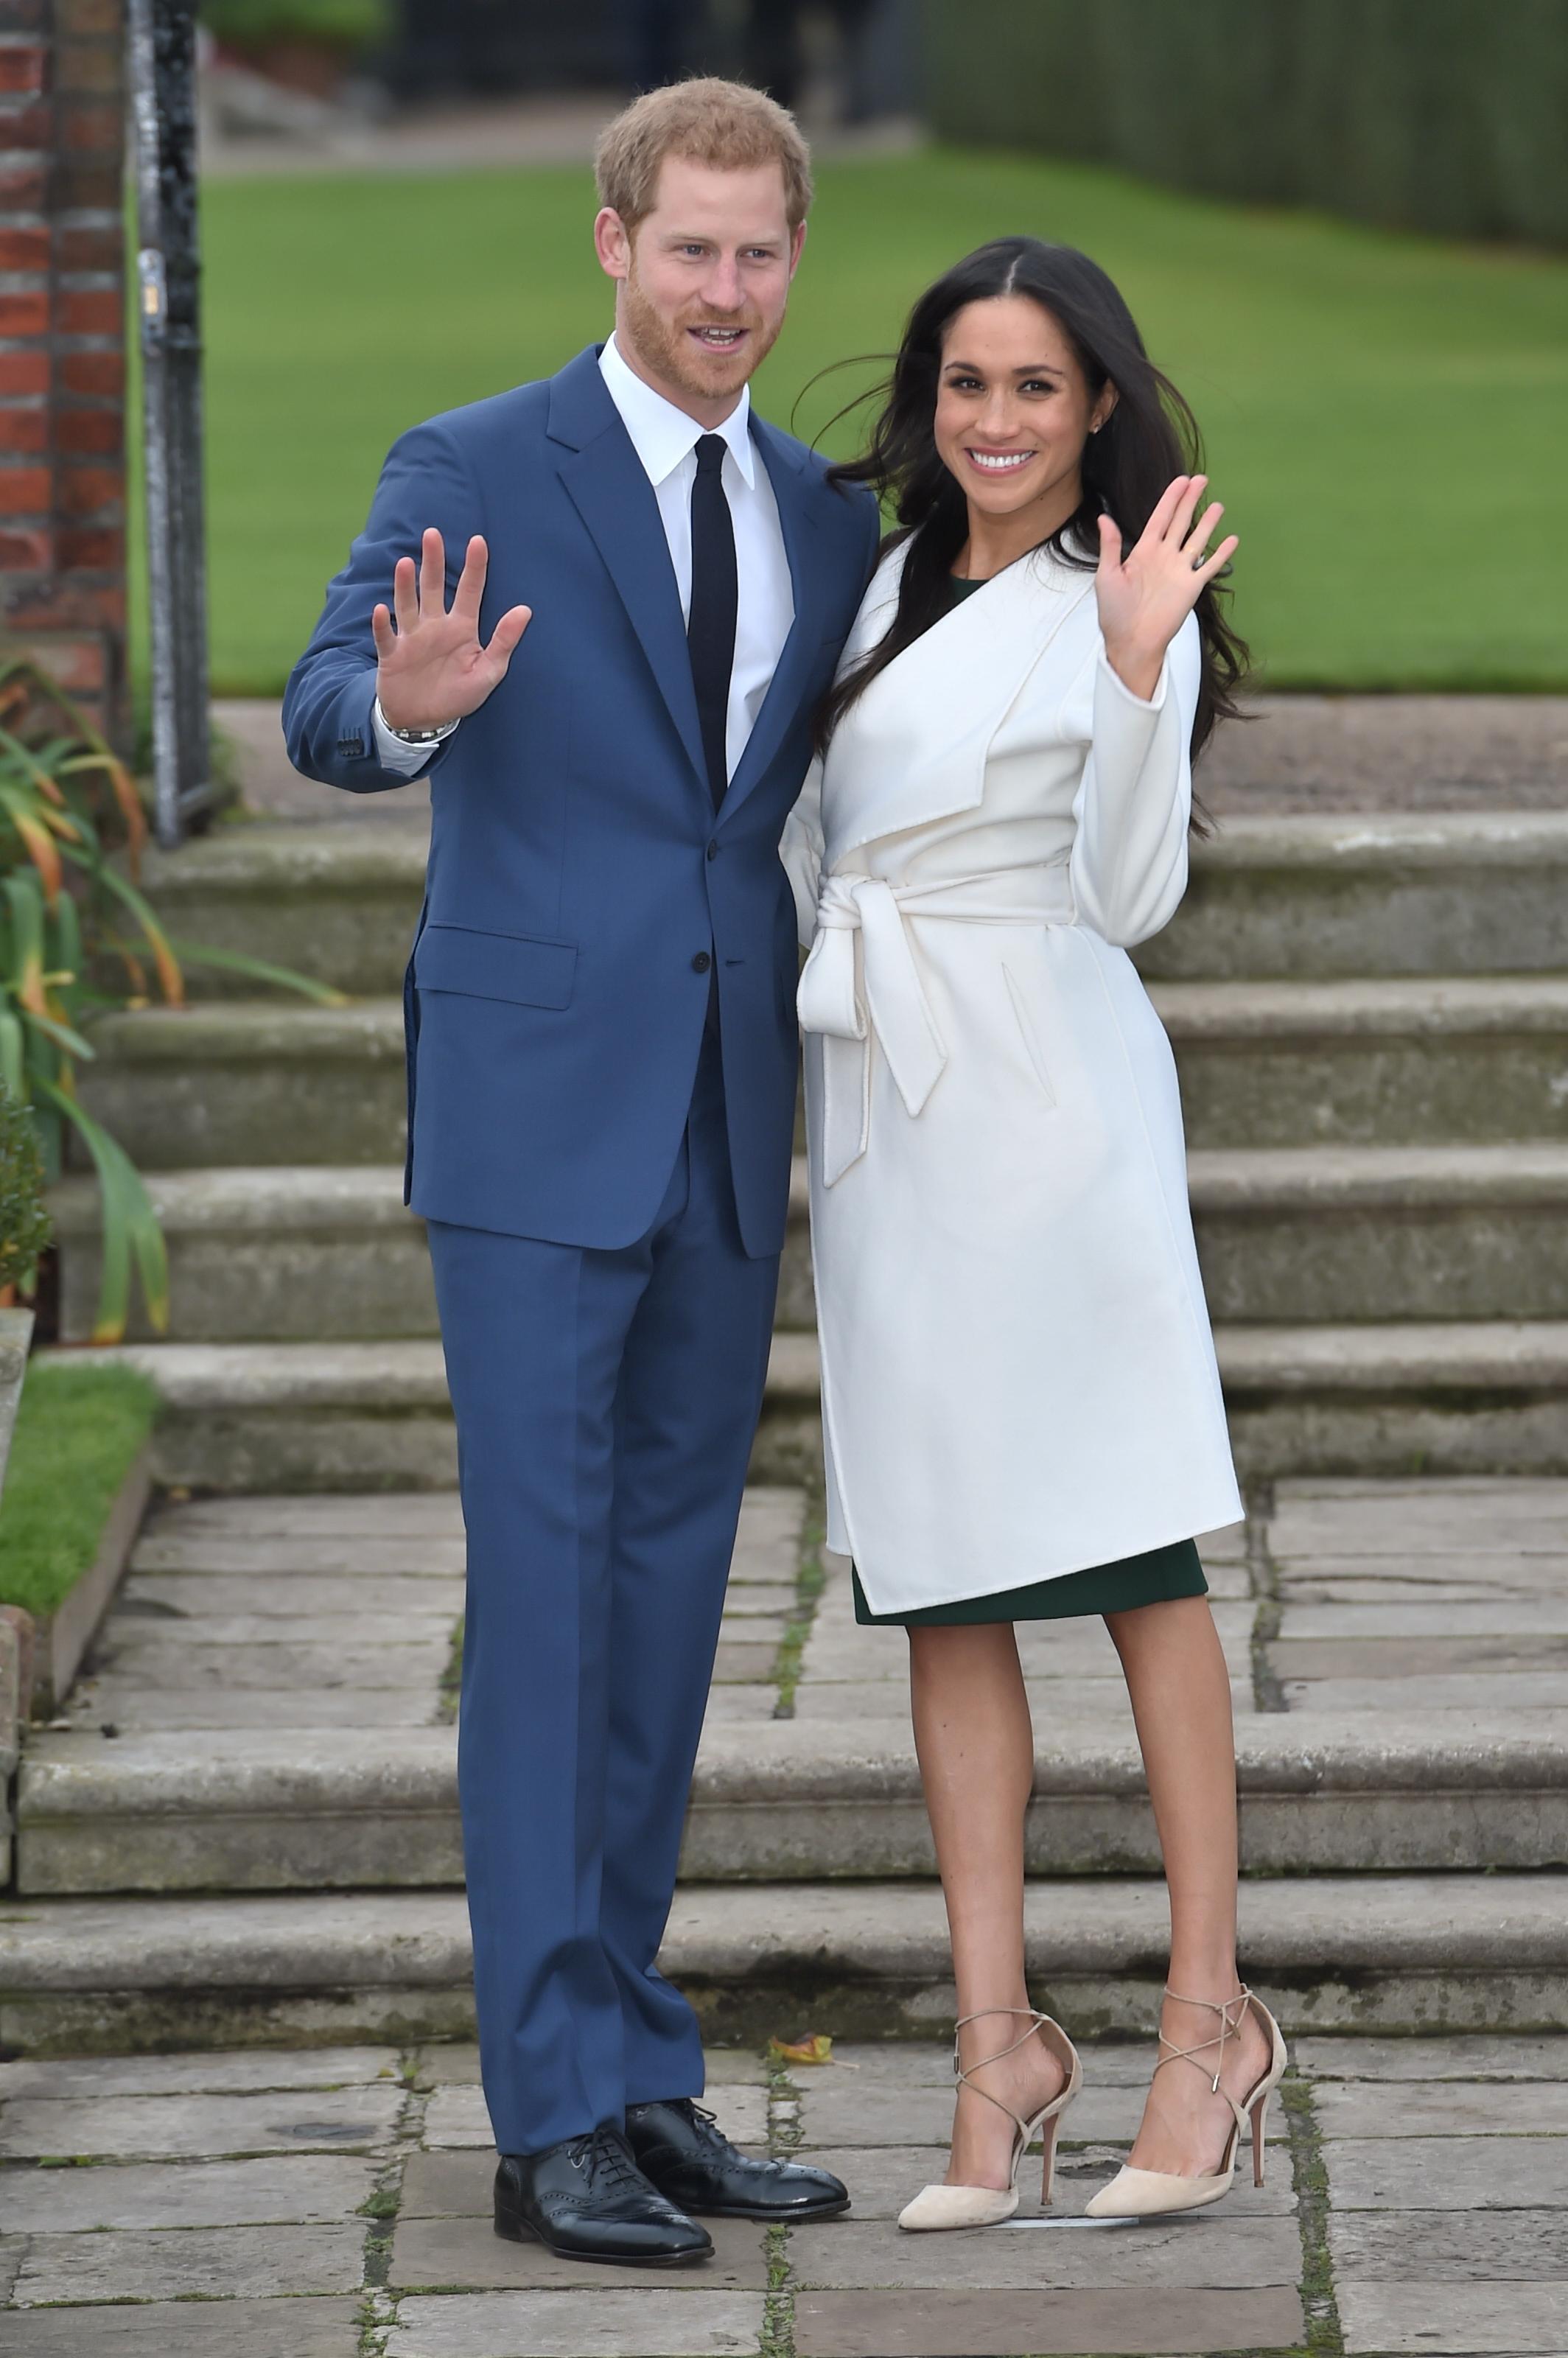 Príncipe Harry e Meghan Markle no anúncio de seu noivado em dezembro de 2017.